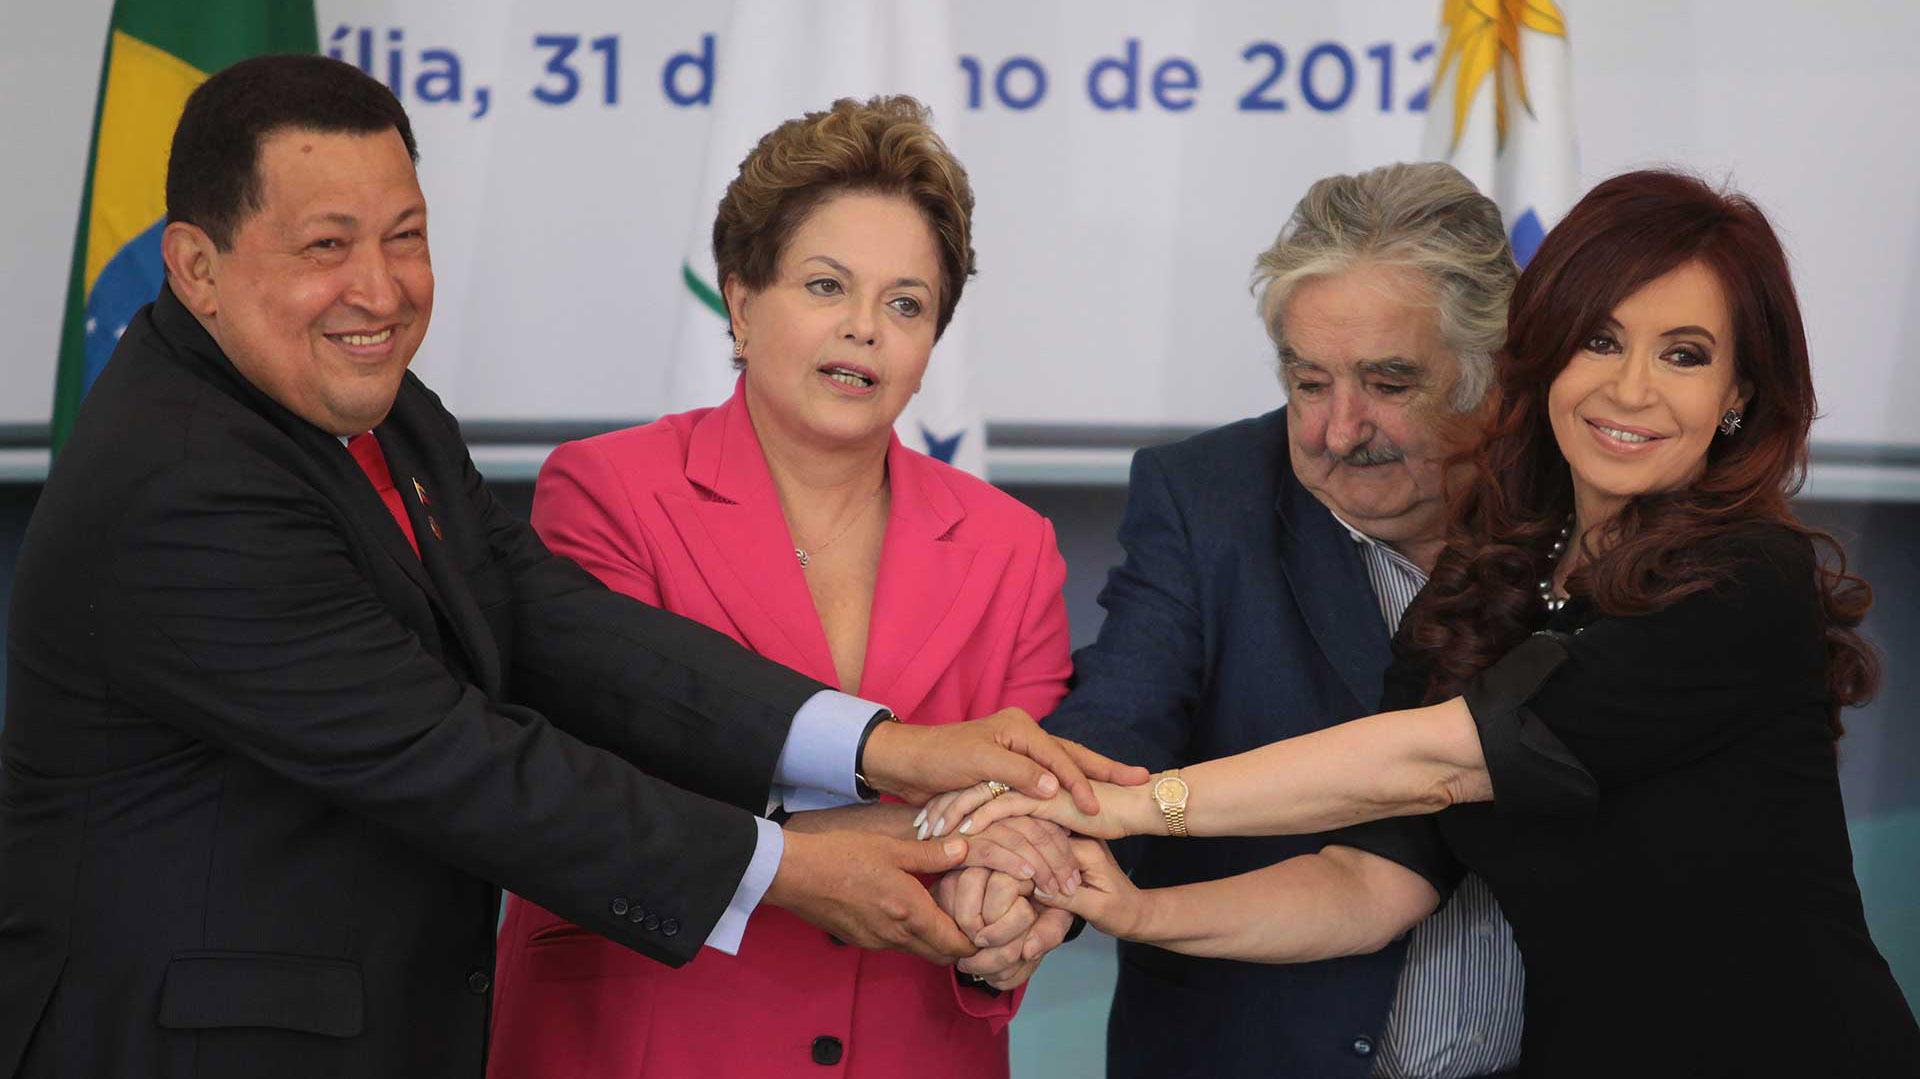 el ex presidente de Venezuela, Hugo Chavez, la presidente de Brasil, Dilma Rousseff, el ex presidente de Uruguay Jose Mujica, y la ex presidenta argentina Cristina Fernandez, posan para una foto oficial en el Palacio de Planalto, en Brasilia, el 31 de julio de 2012 (AP)